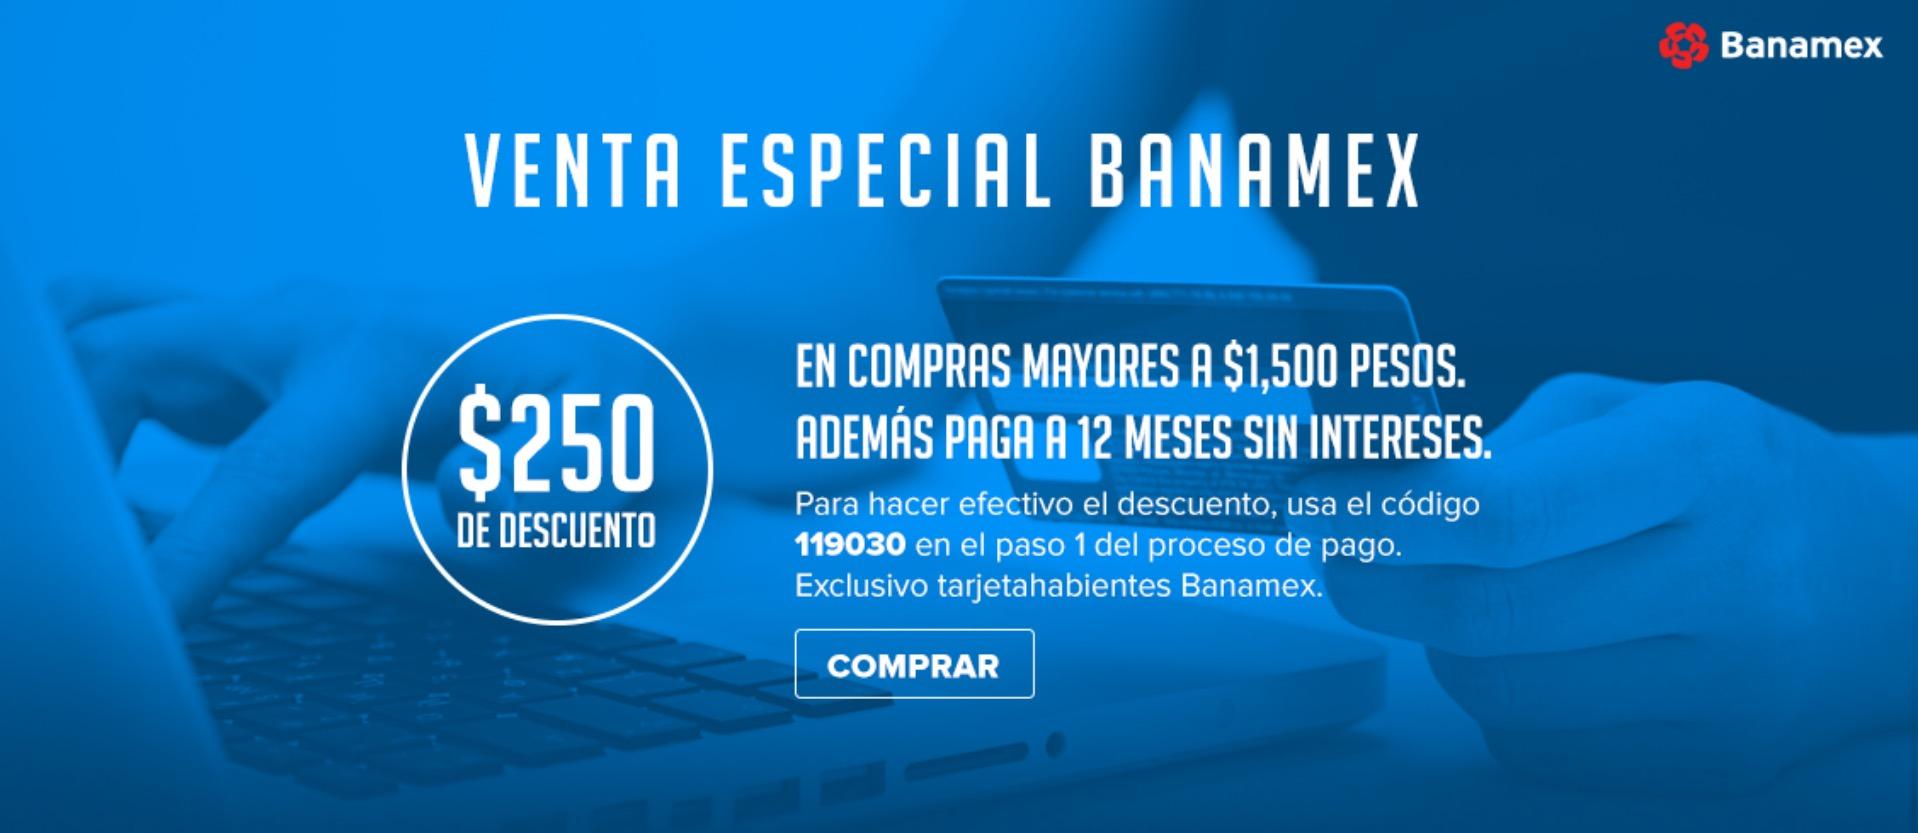 Innovasport: cupón de $250 en compras mayores de $1,500 + hasta 12 msi con Banamex